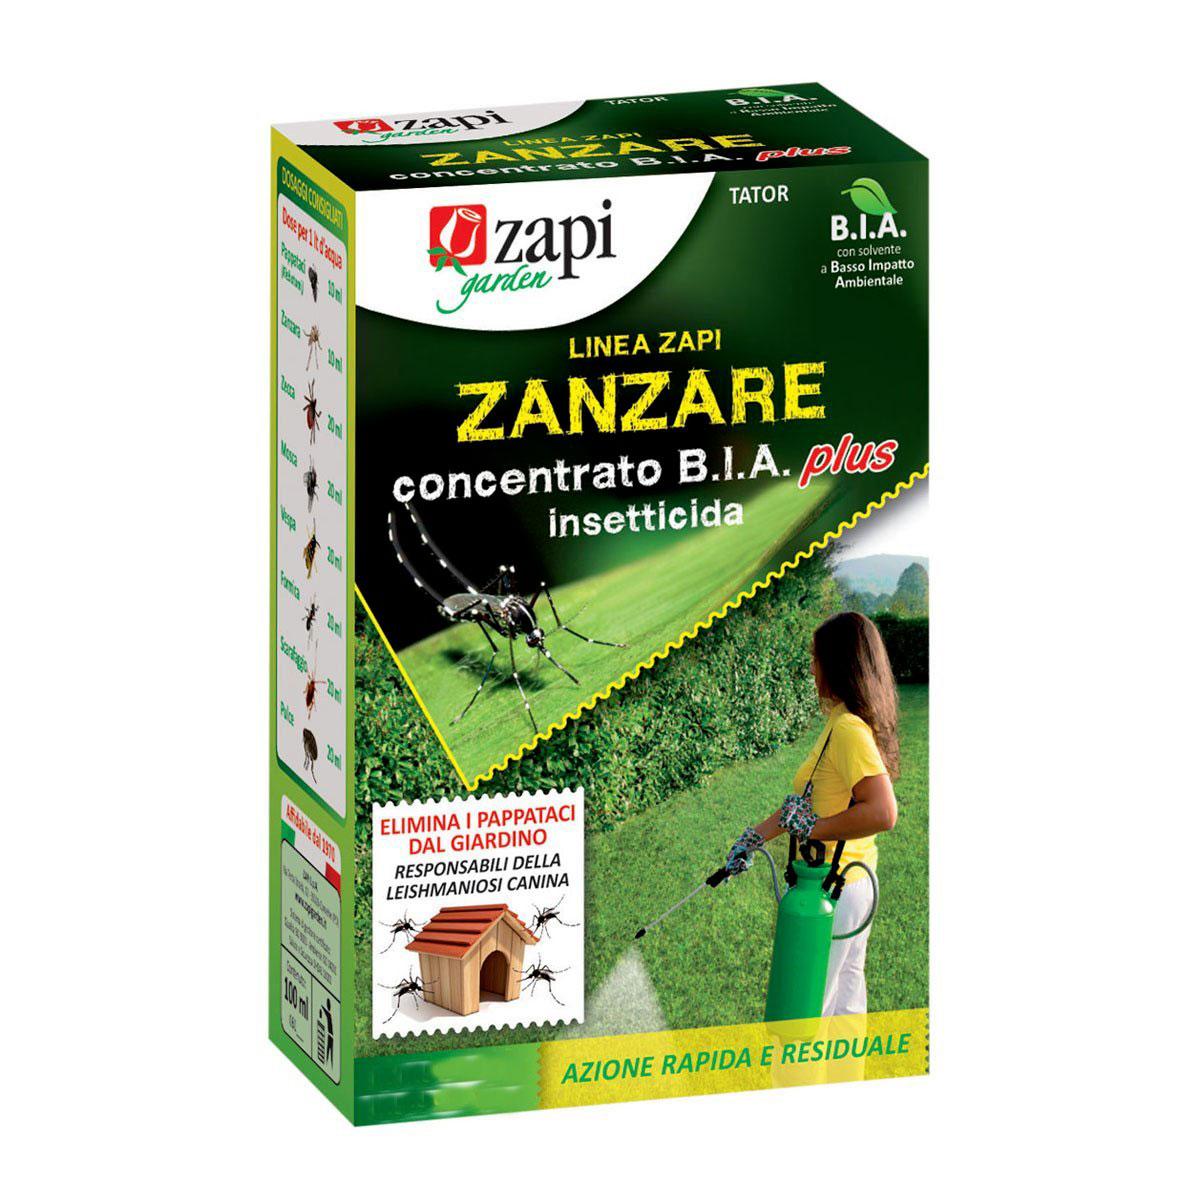 Zapi zanzare concentrato 100ml B.I.A. plus Insetticida per uso sul verde